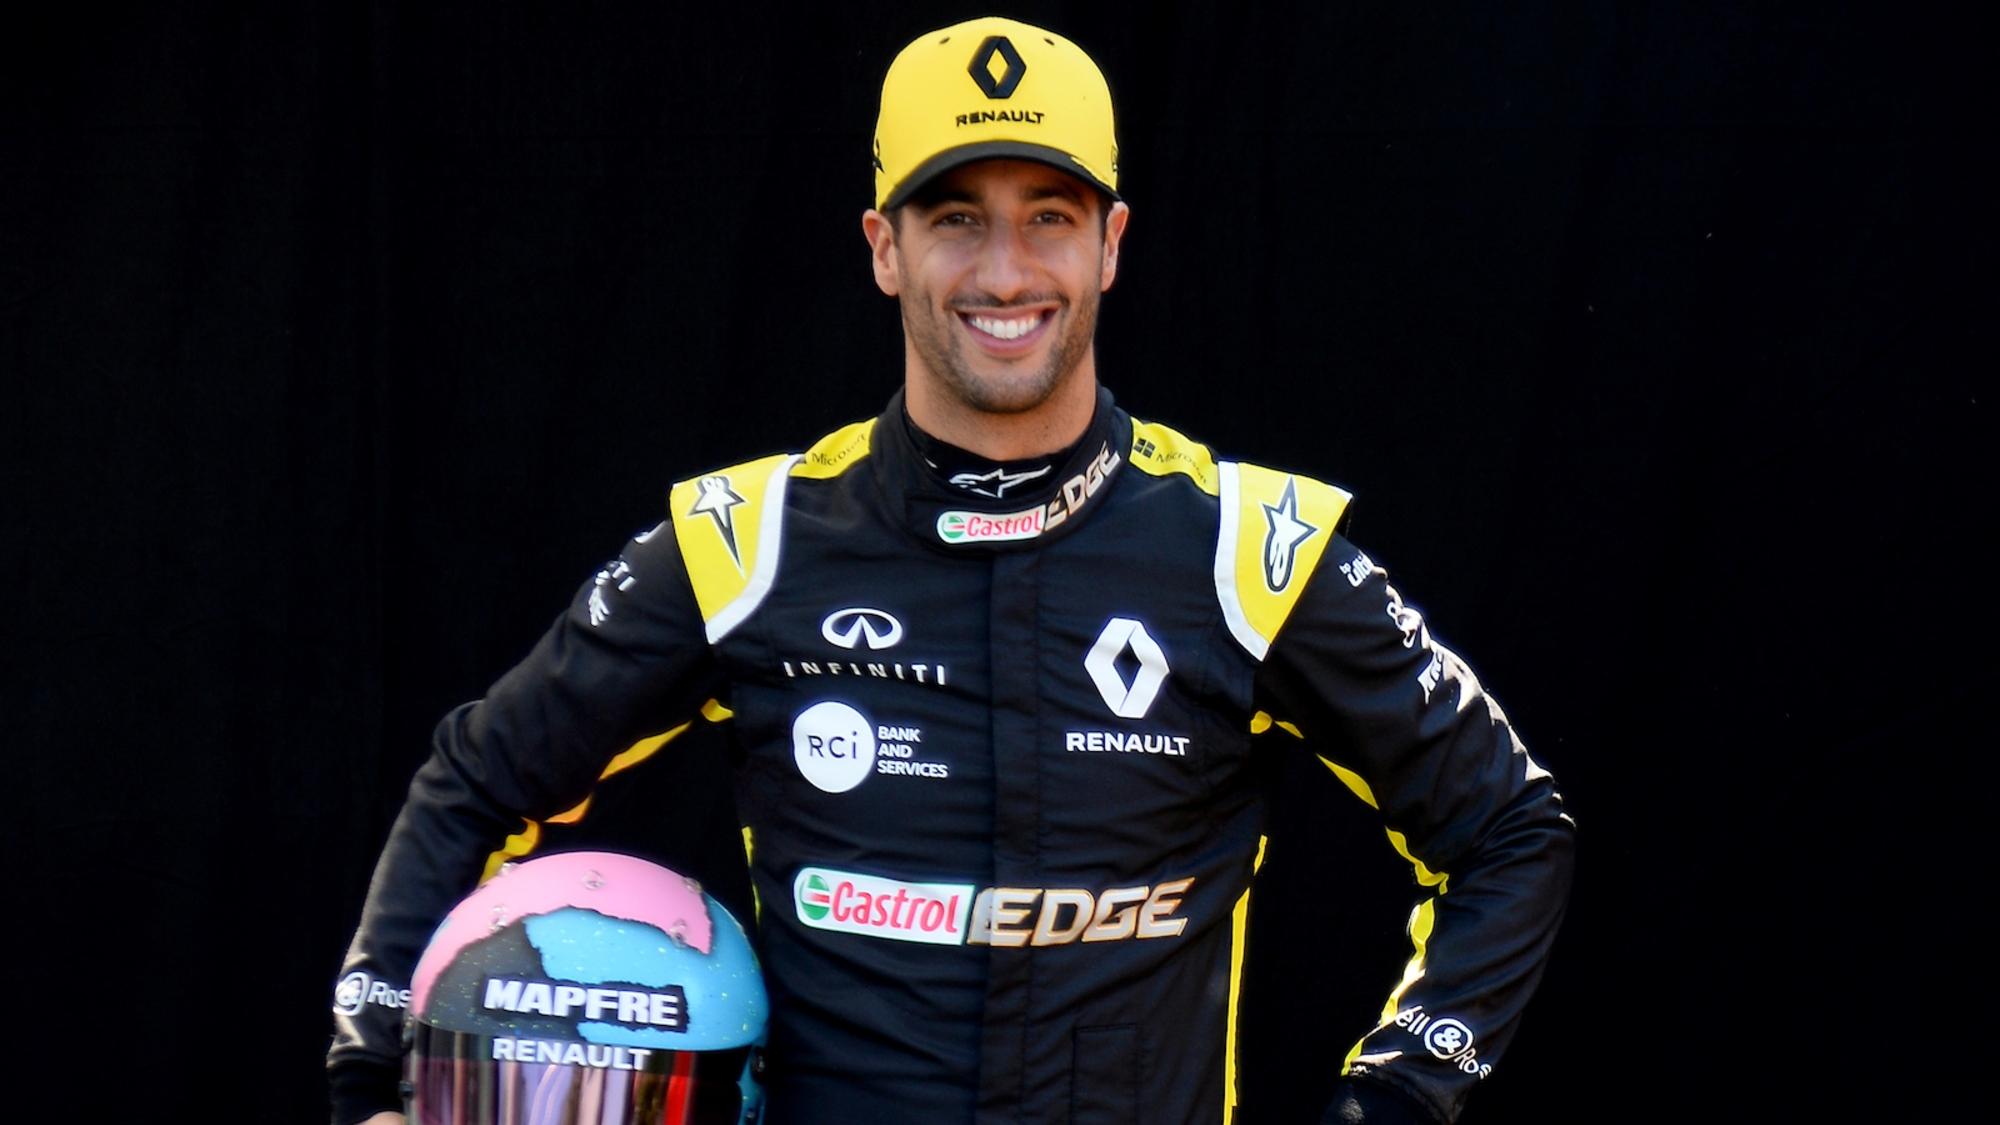 Daniel Ricciardo, 2019 Australian GP